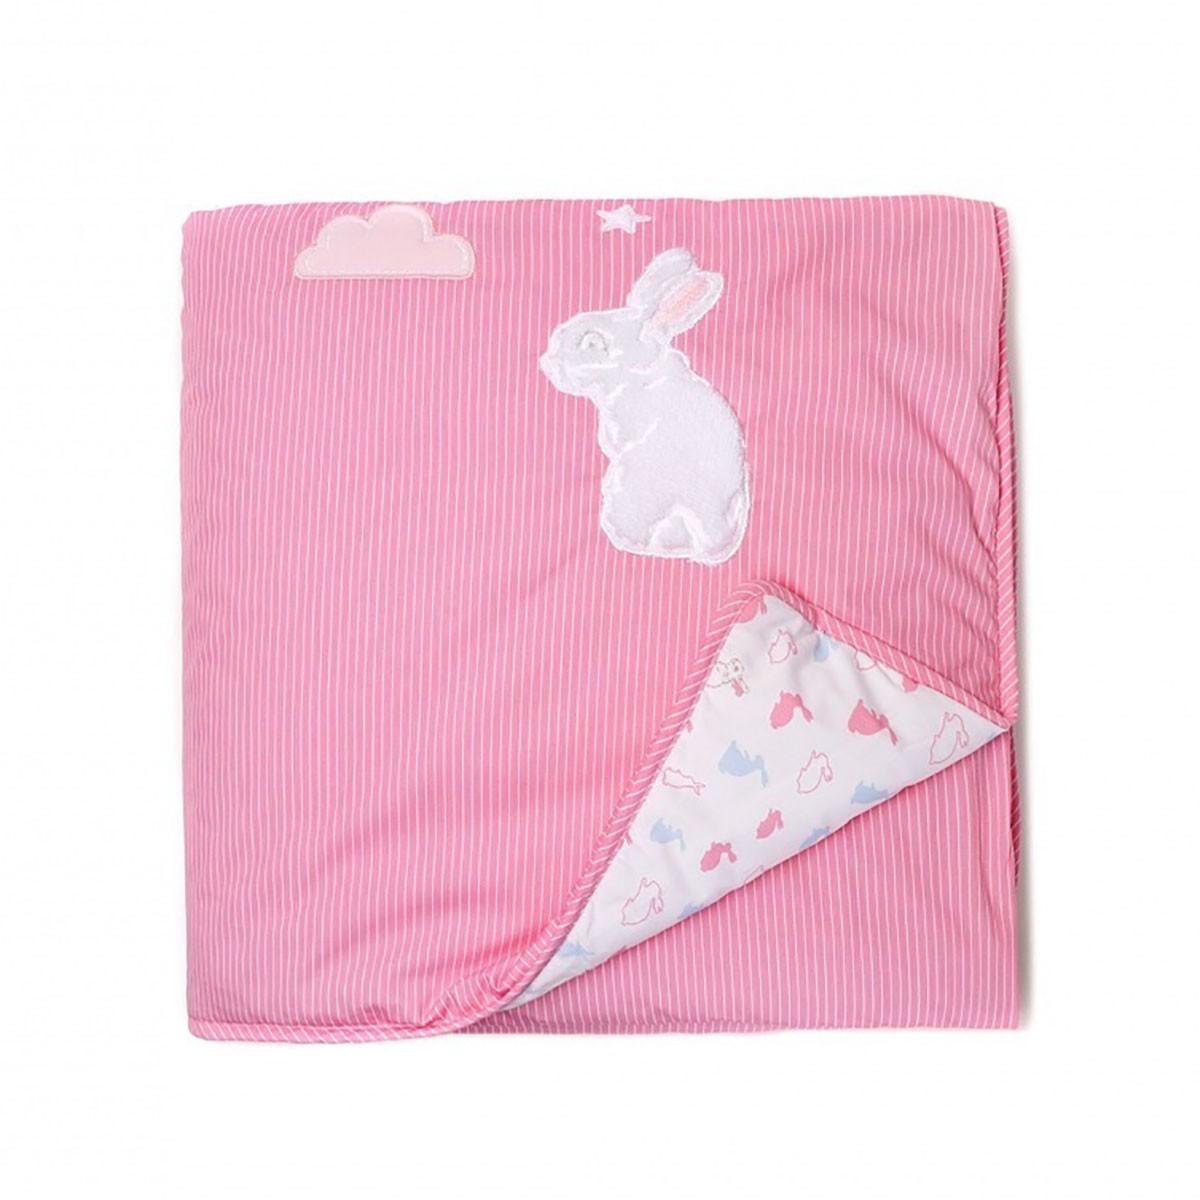 Κουβερλί Κούνιας Laura Ashley Bunny Rabbit home   βρεφικά   κουβερλί βρεφικά